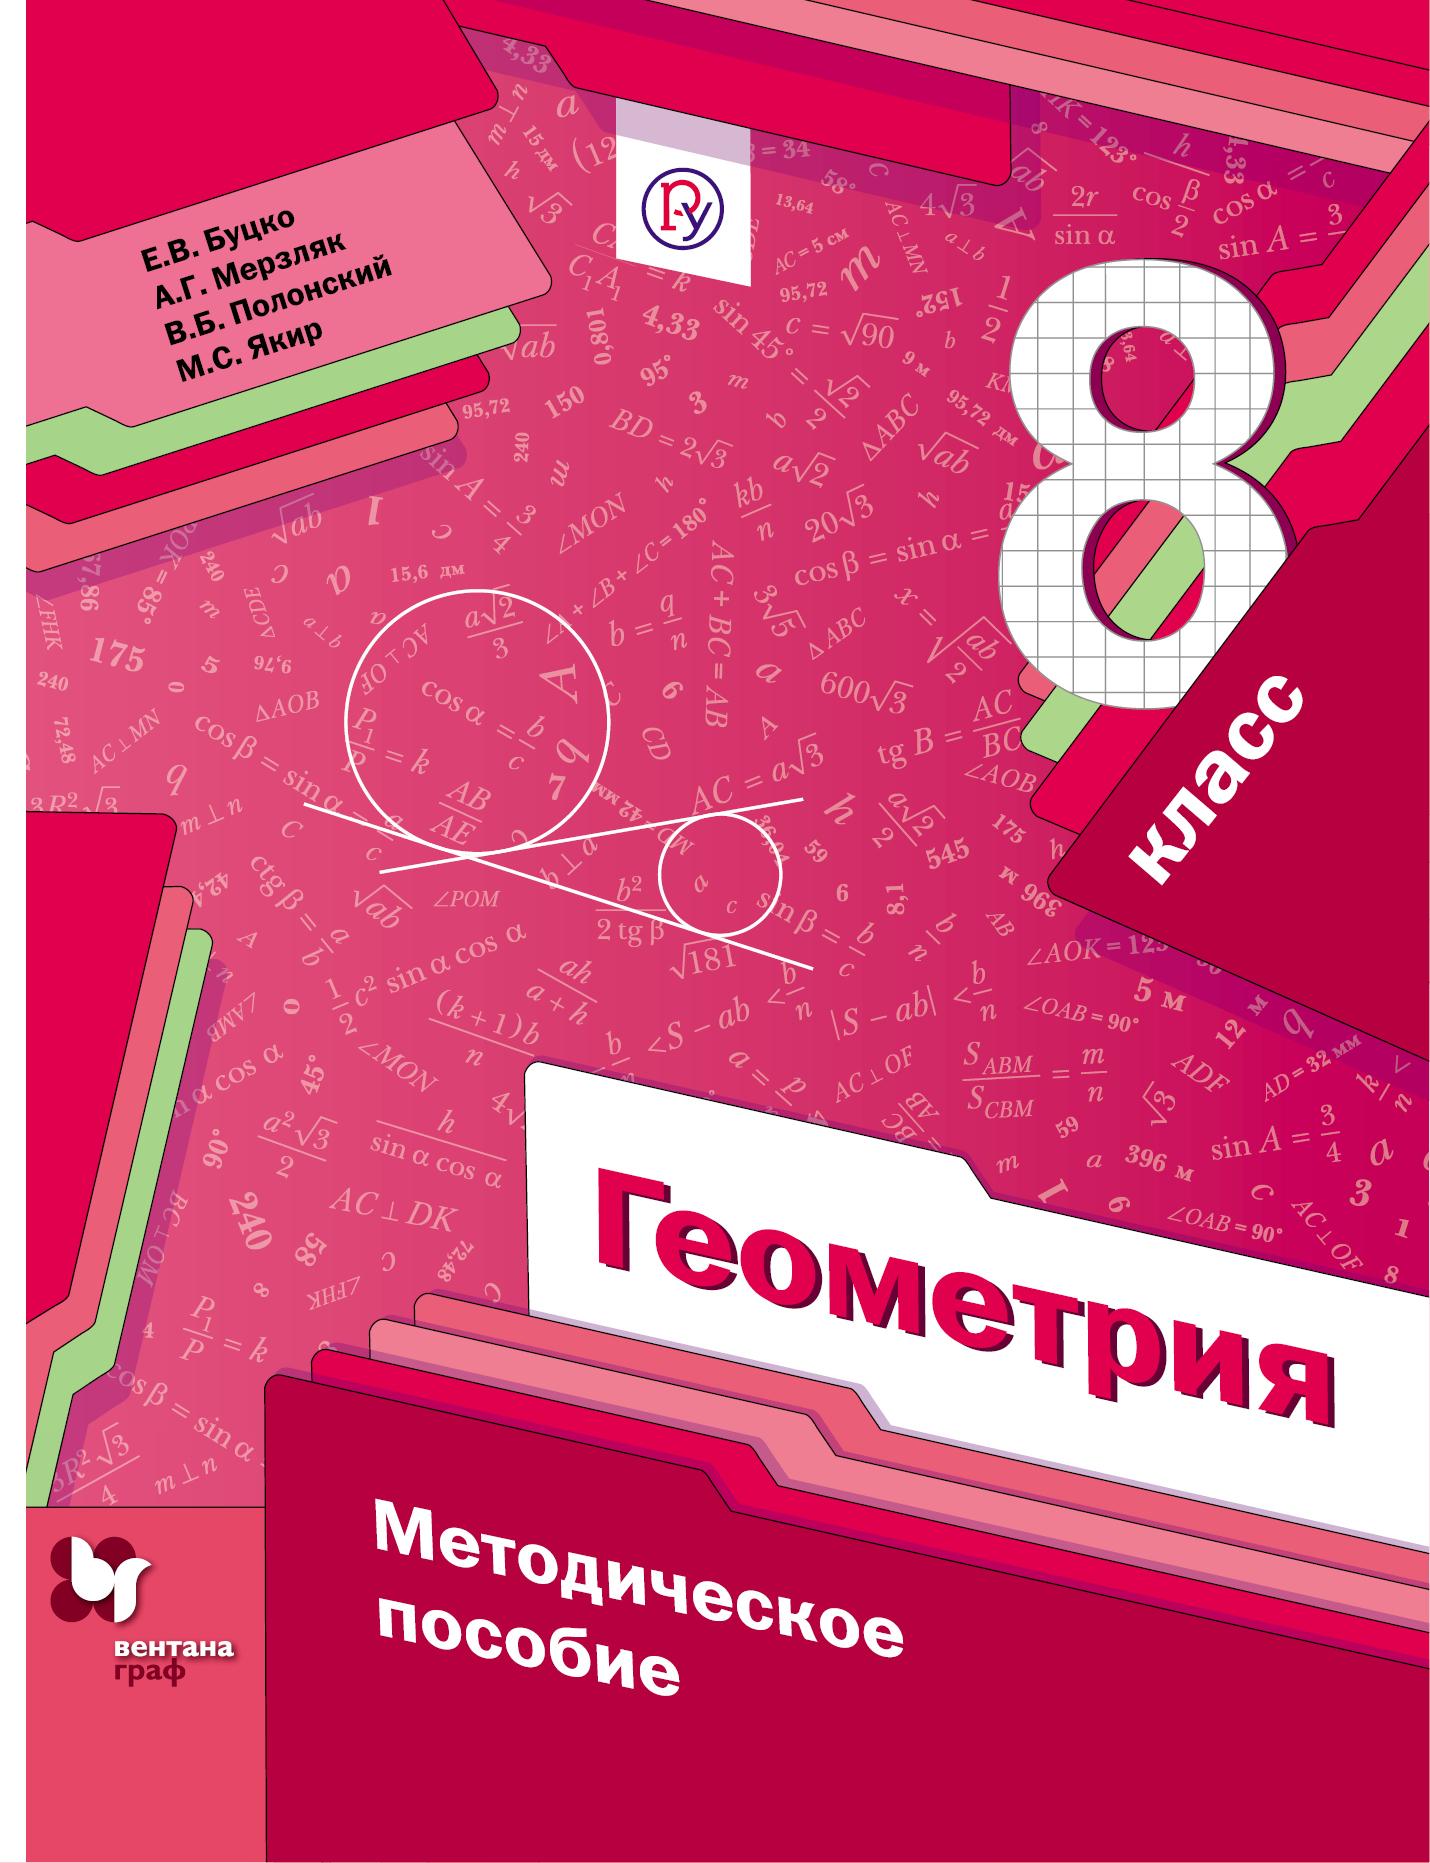 Геометрия. 8класс. Методическое пособие. ( Буцко Е.В., Мерзляк А.Г., Полонский В.Б.  )